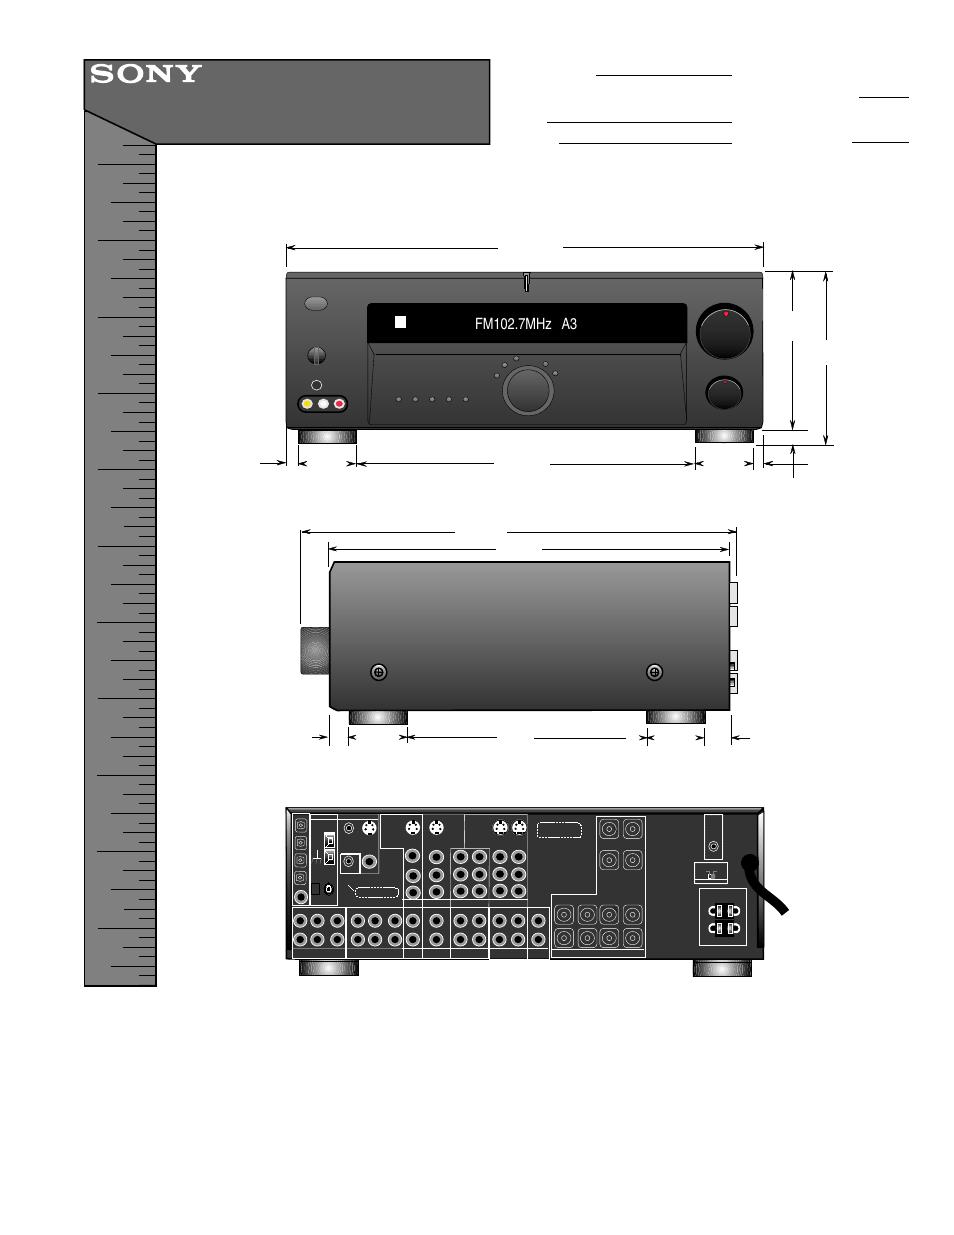 sony str de675 user manual 1 page also for str de575 rh manualsdir com Sony STR De675 Manual Sony STR- DE595